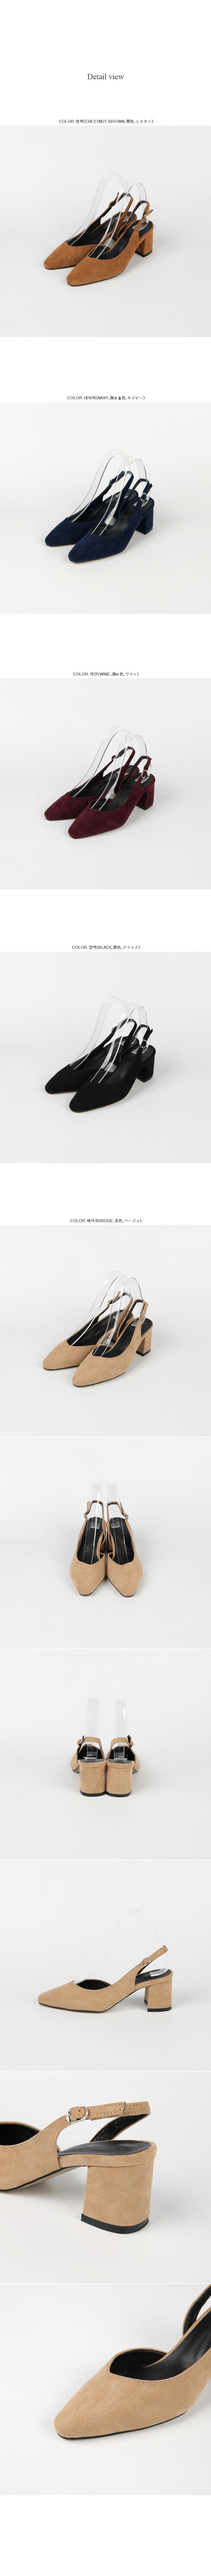 Rosy shoe